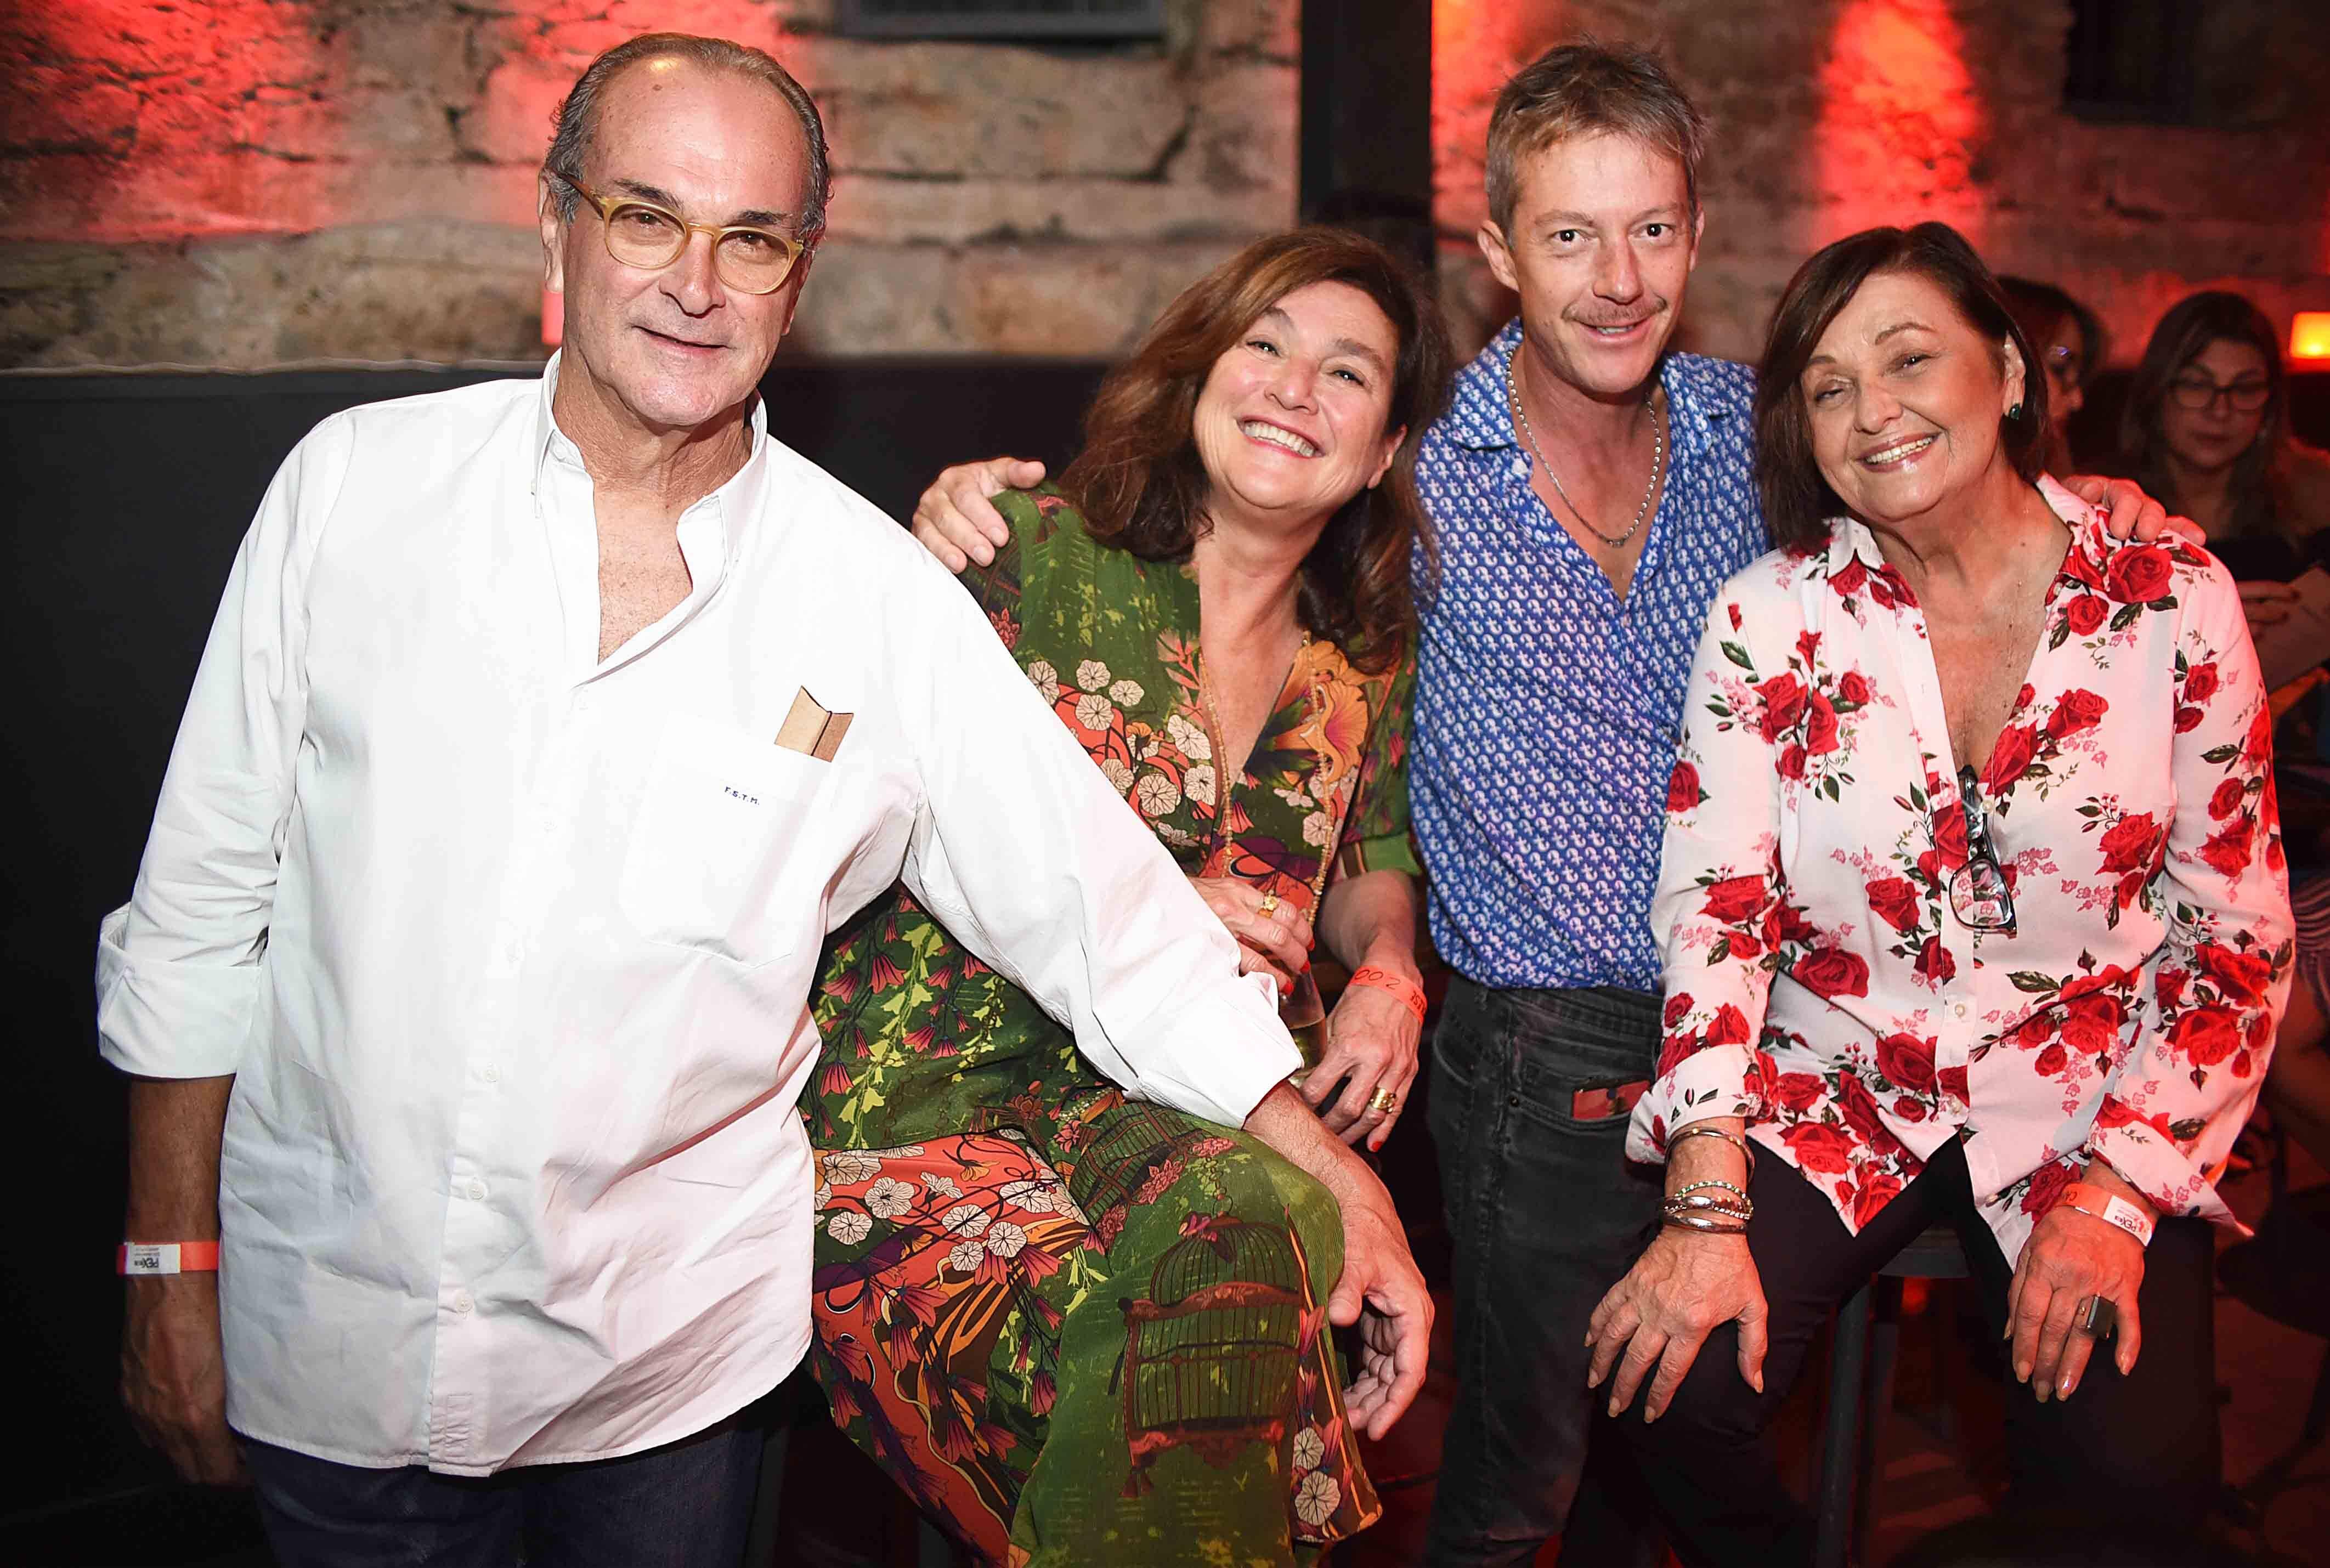 Fernando Teixeira de Mello, Andrea Prado, Luis Saldanha e Raquel Guerreiro/ Foto: Ari Kaye